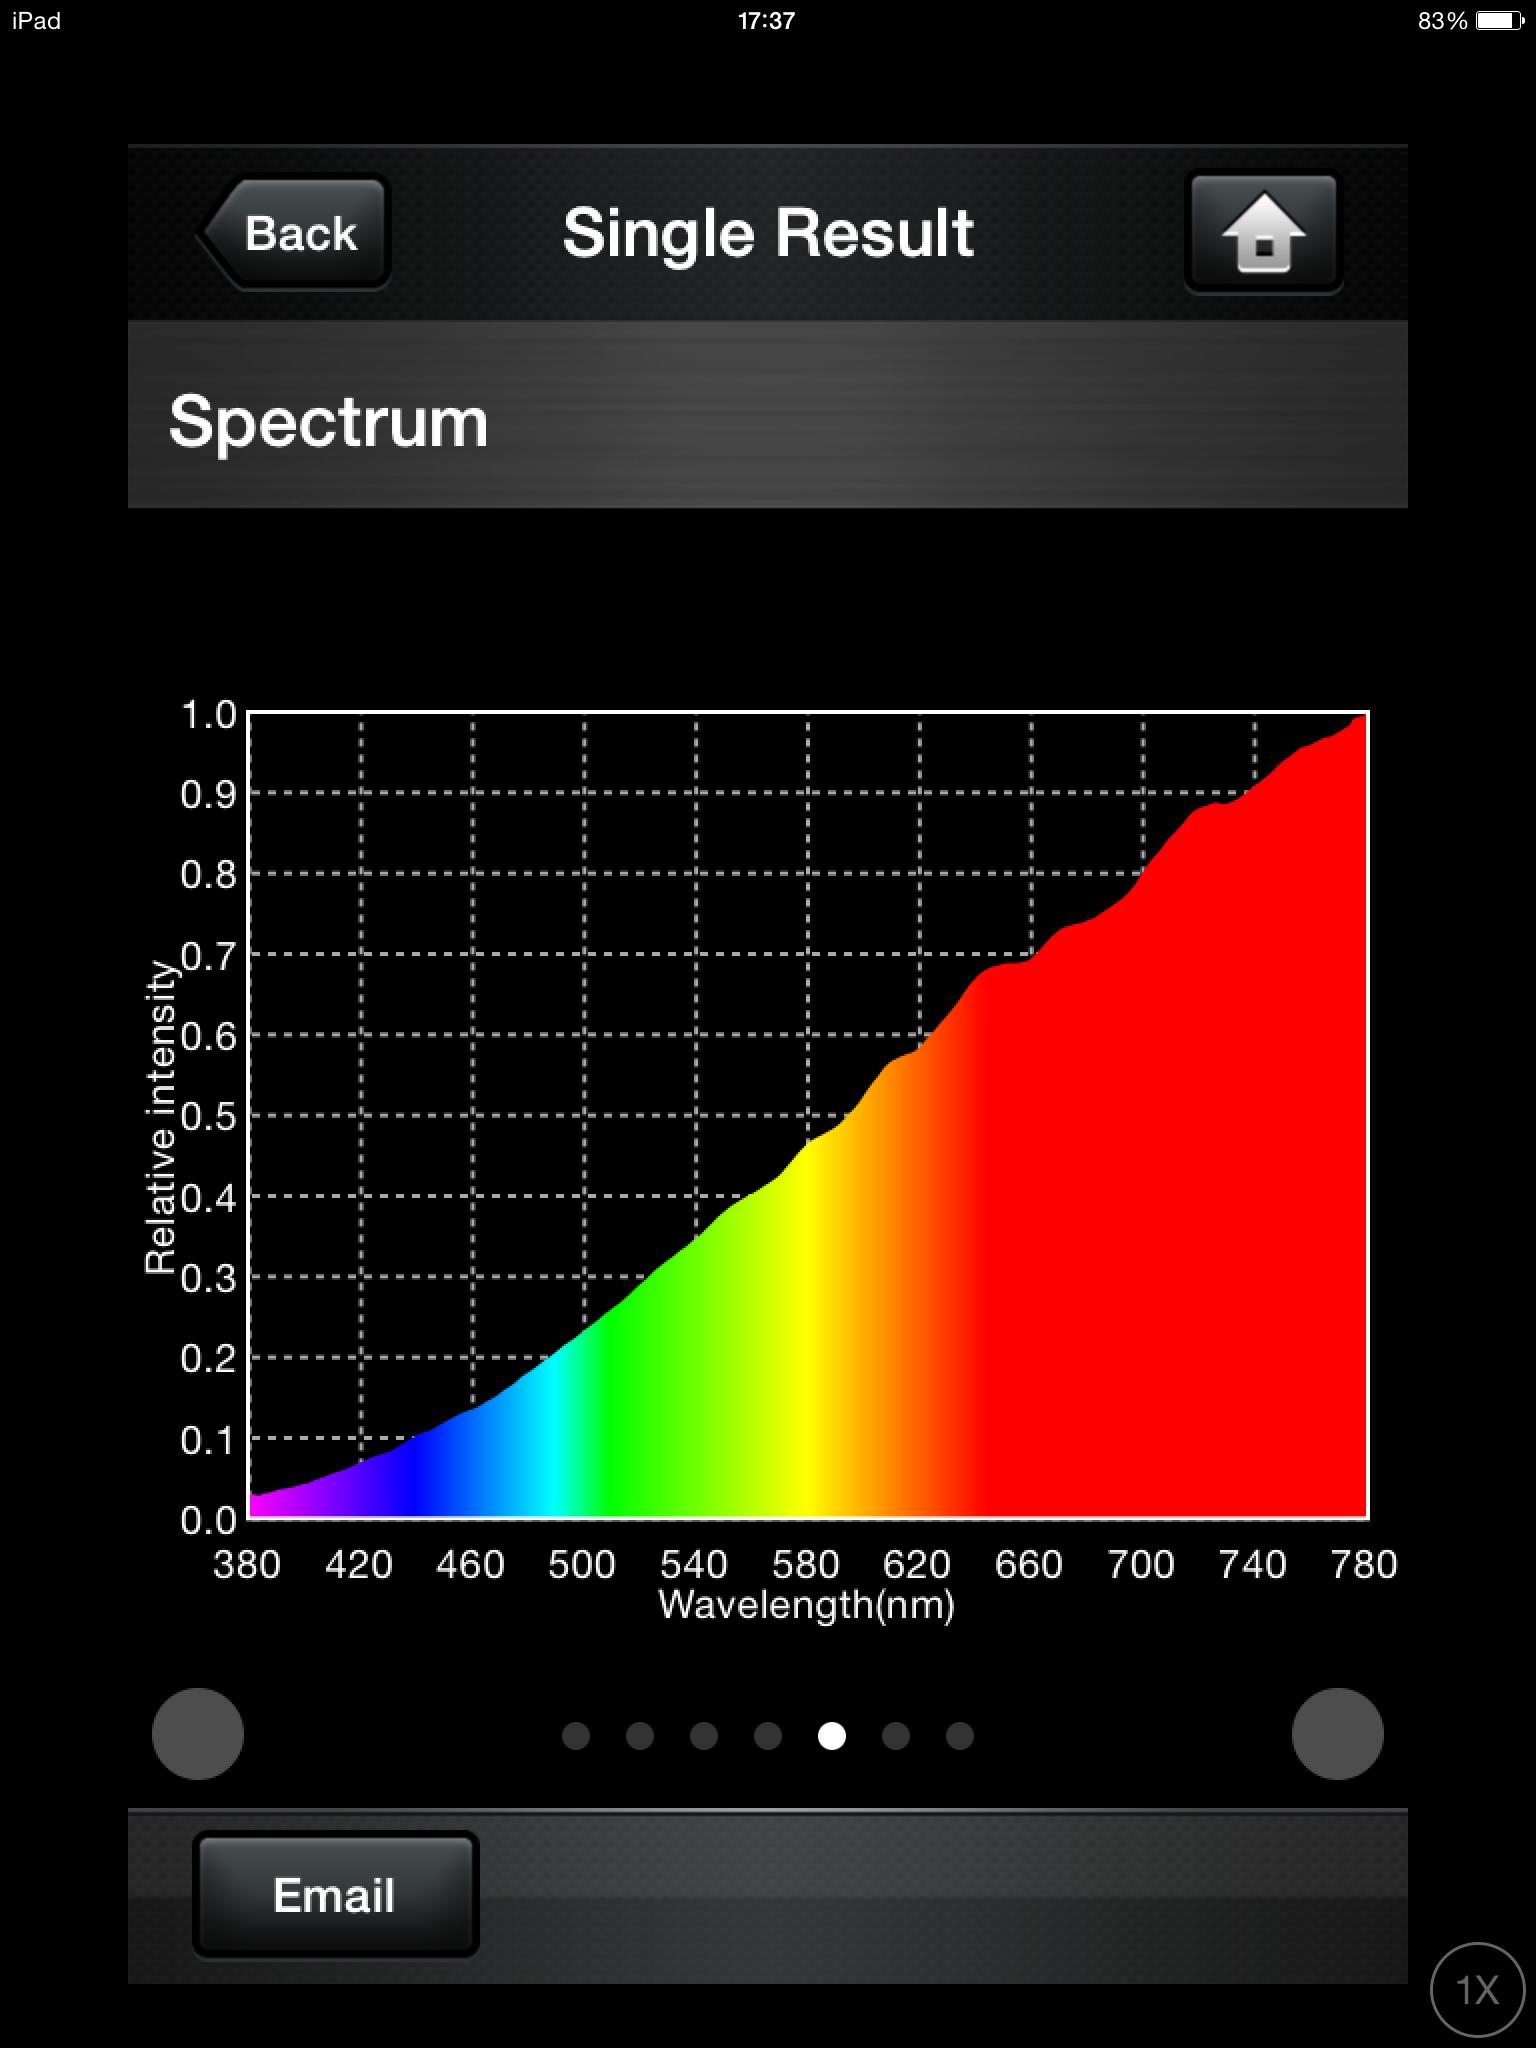 light bulb - no filter